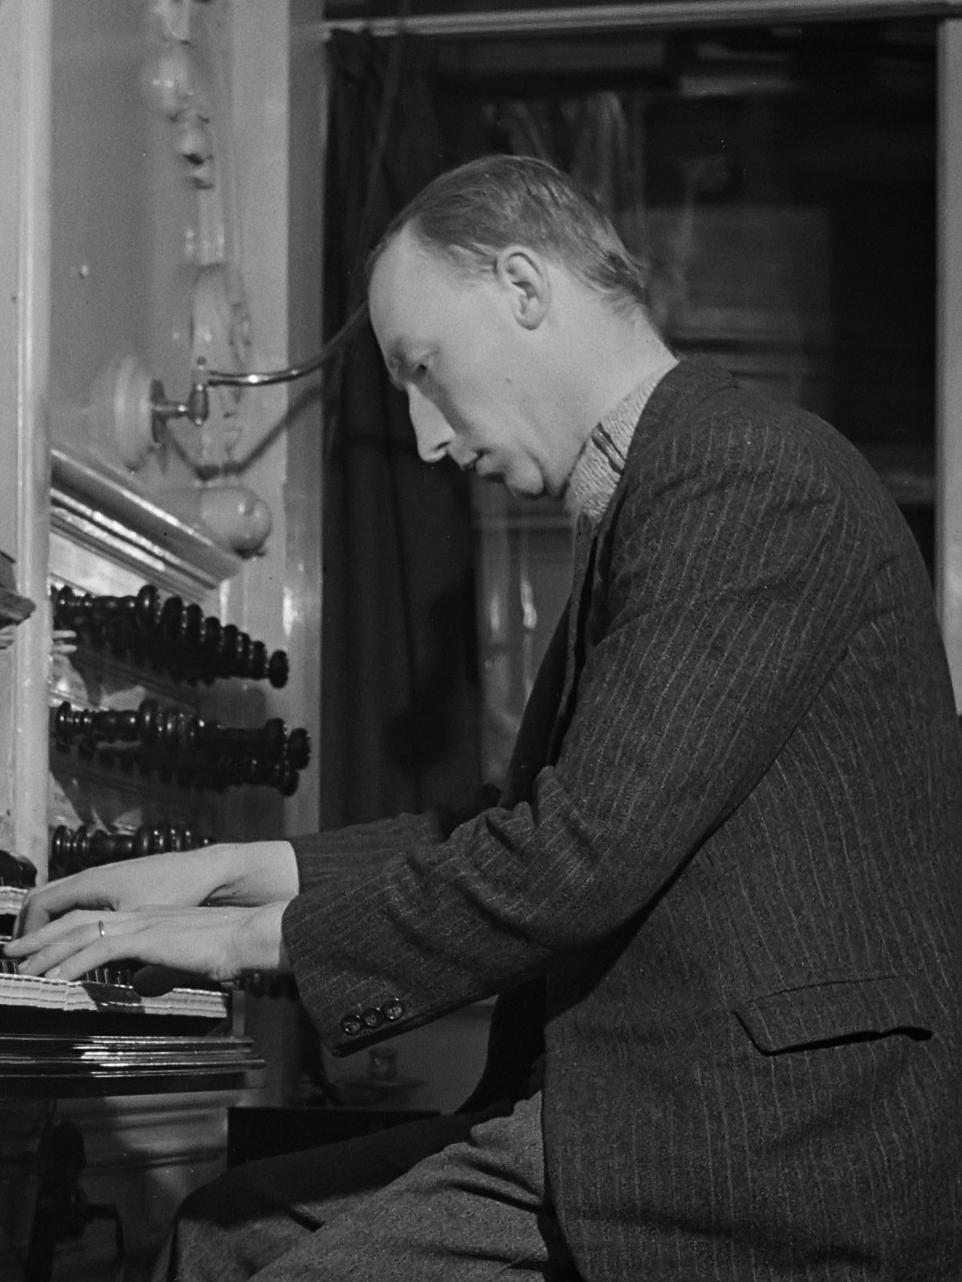 Albert de Klerk aan de klavieren van het orgel in de Grote of Sint-Bavokerk te Haarlem.